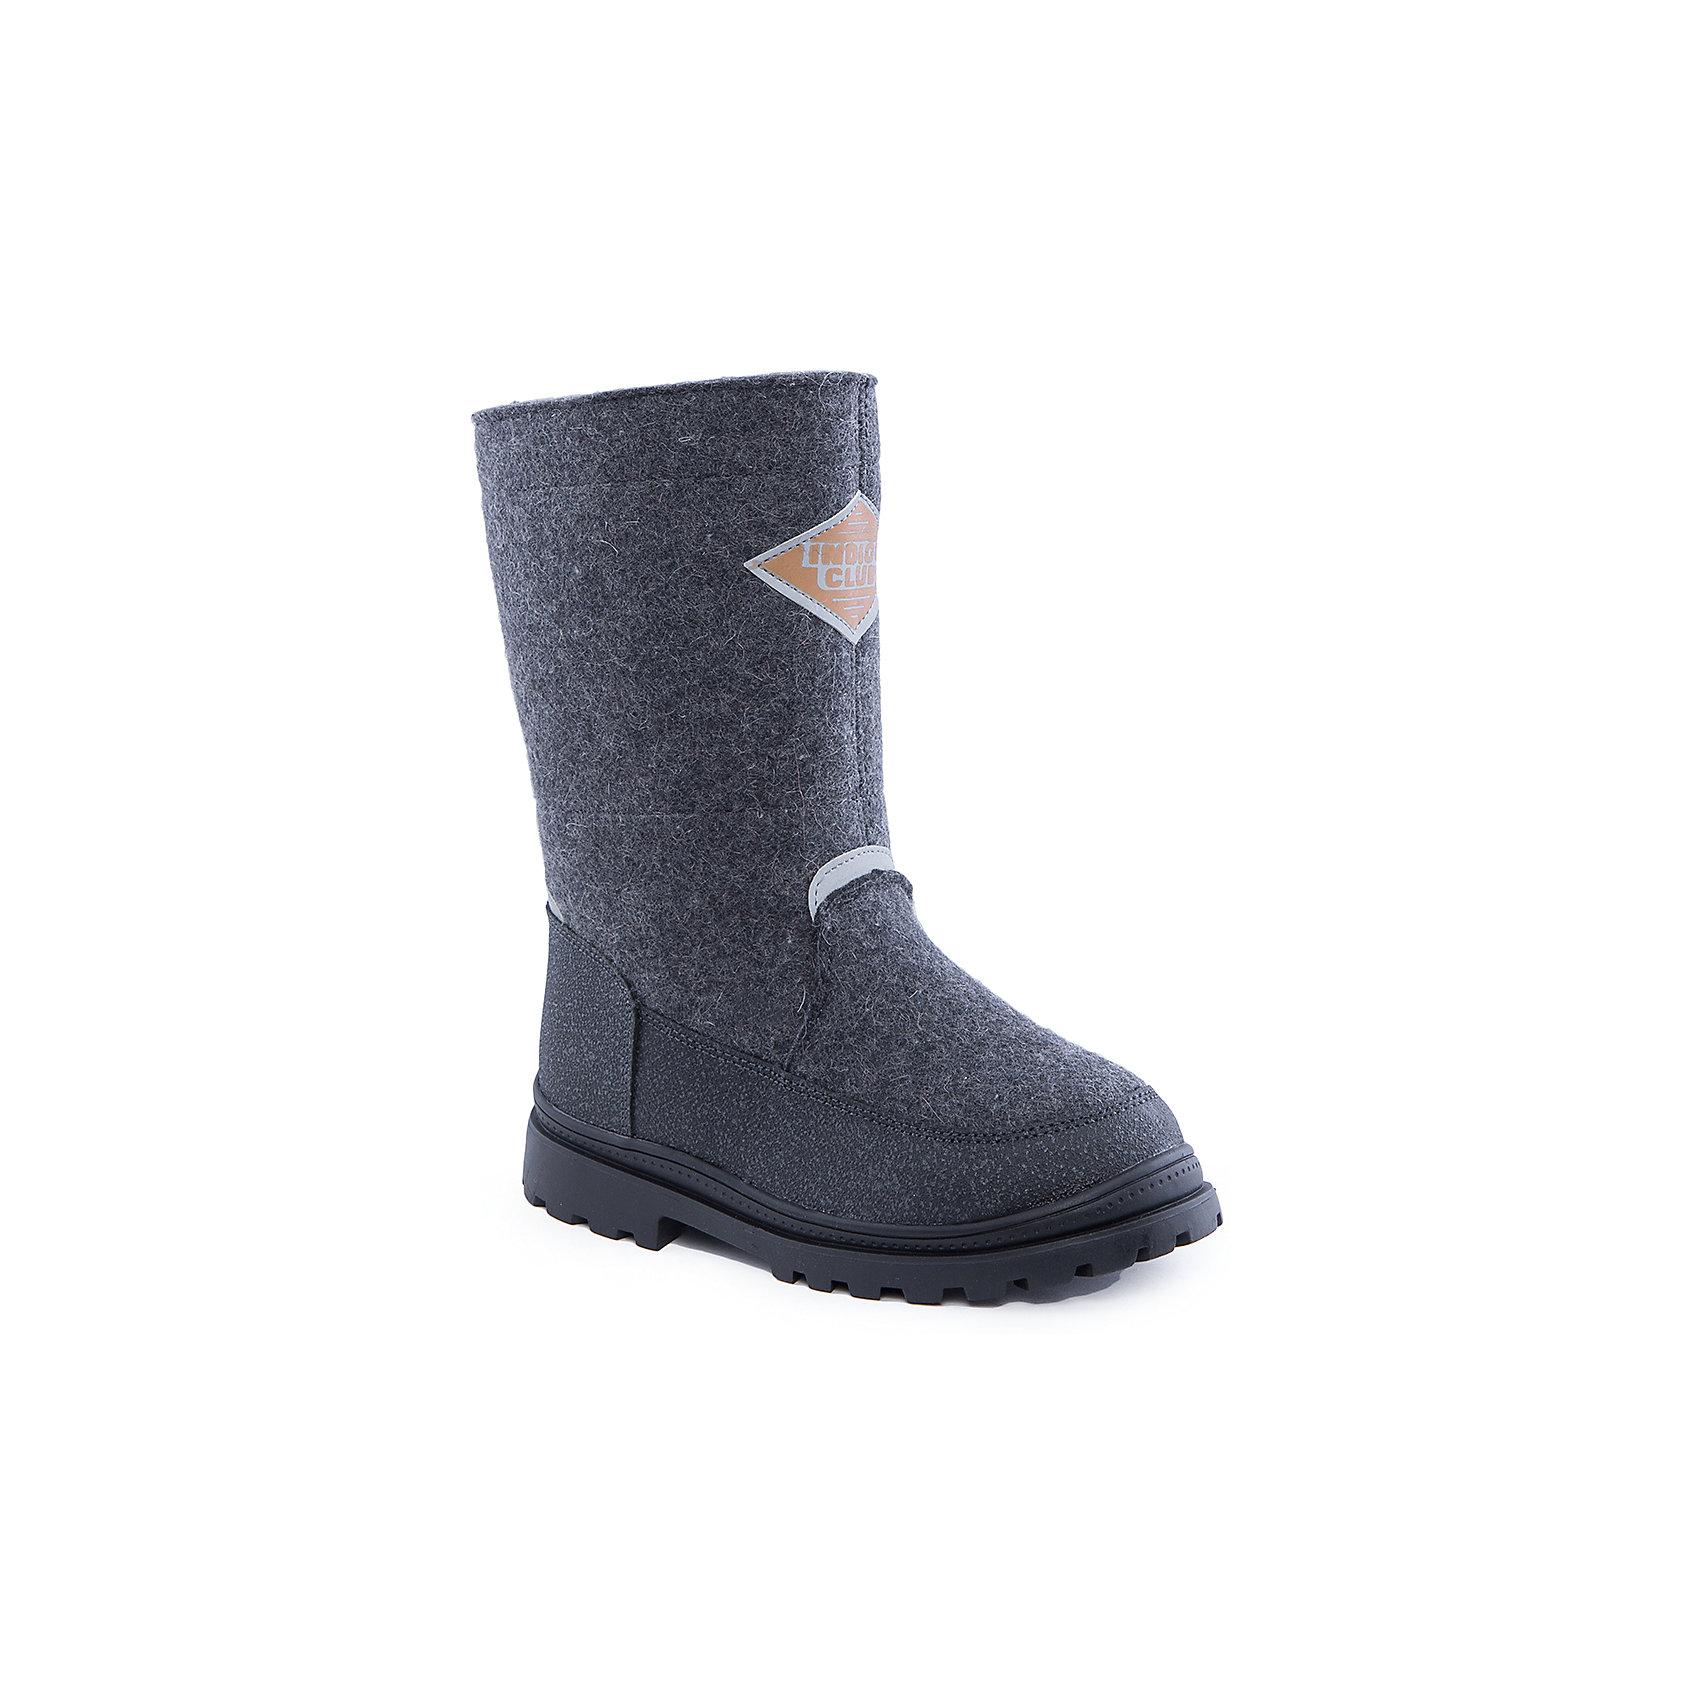 Валенки для девочки Indigo kidsВаленки для девочки от известного  бренда Indigo kids<br><br>Стильные теплые валенки помогут защитить детские ножки от сырости и холода. Они легко надеваются, комфортно садятся по ноге.<br><br>Особенности модели:<br><br>- цвет - серый;<br>- стильный дизайн;<br>- защита пятки и пальцев;<br>- удобная колодка;<br>- подкладка утепленная;<br>- аппликация на голенище;<br>- устойчивая рифленая подошва;<br>- застежка - молния.<br><br>Дополнительная информация:<br><br>Температурный режим:<br><br>от -20° С до 0° С<br><br>Состав:<br><br>верх – войлок/кожа натуральная;<br>подкладка - шерсть.<br><br>Валенки для девочки Indigo kids (Индиго Кидс) можно купить в нашем магазине.<br><br>Ширина мм: 257<br>Глубина мм: 180<br>Высота мм: 130<br>Вес г: 420<br>Цвет: серый<br>Возраст от месяцев: 108<br>Возраст до месяцев: 120<br>Пол: Женский<br>Возраст: Детский<br>Размер: 33,37,38,36,35,34<br>SKU: 4340440